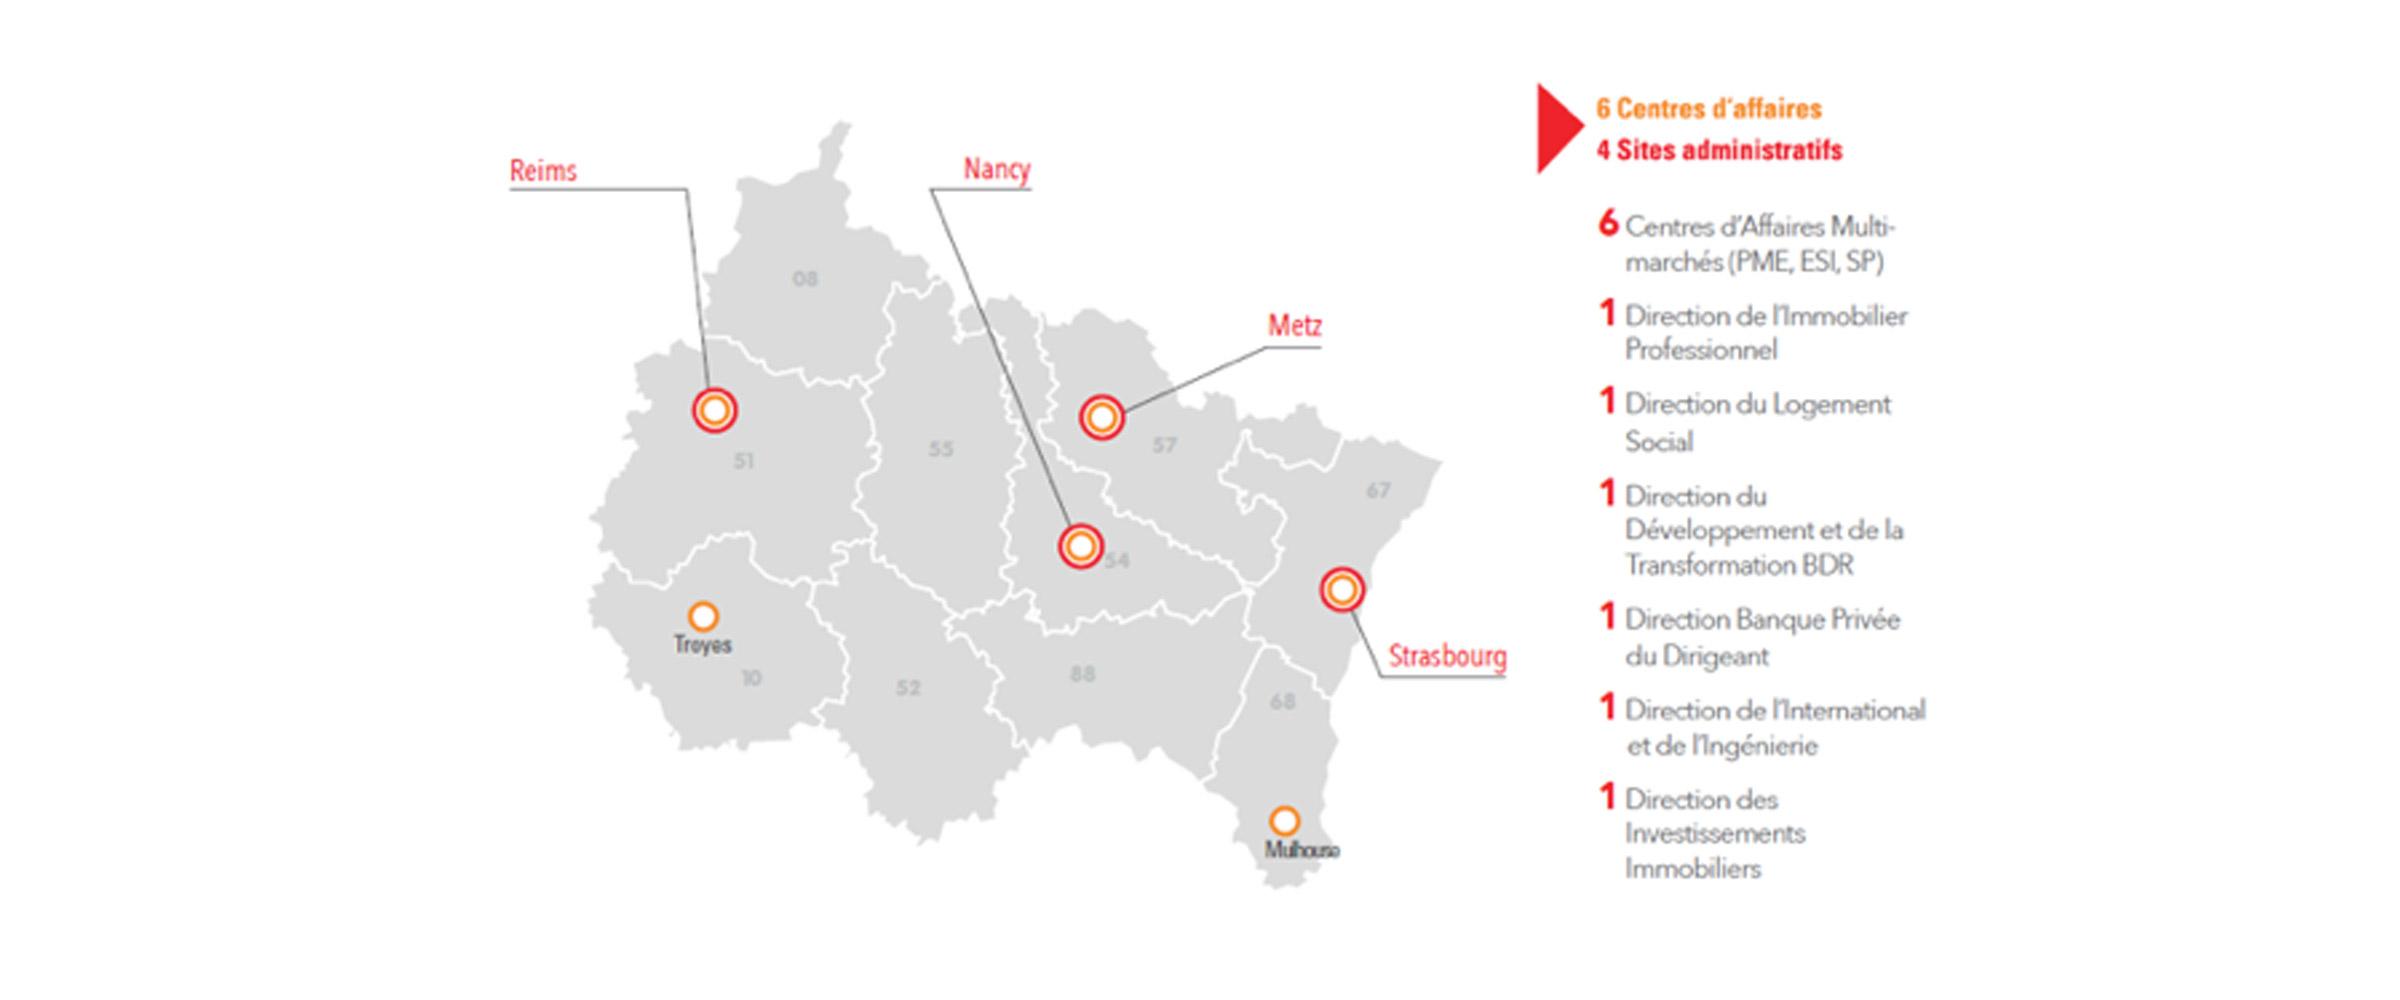 Caisse d'Epargne Grand Est Europe - CEGEE - französische Bank